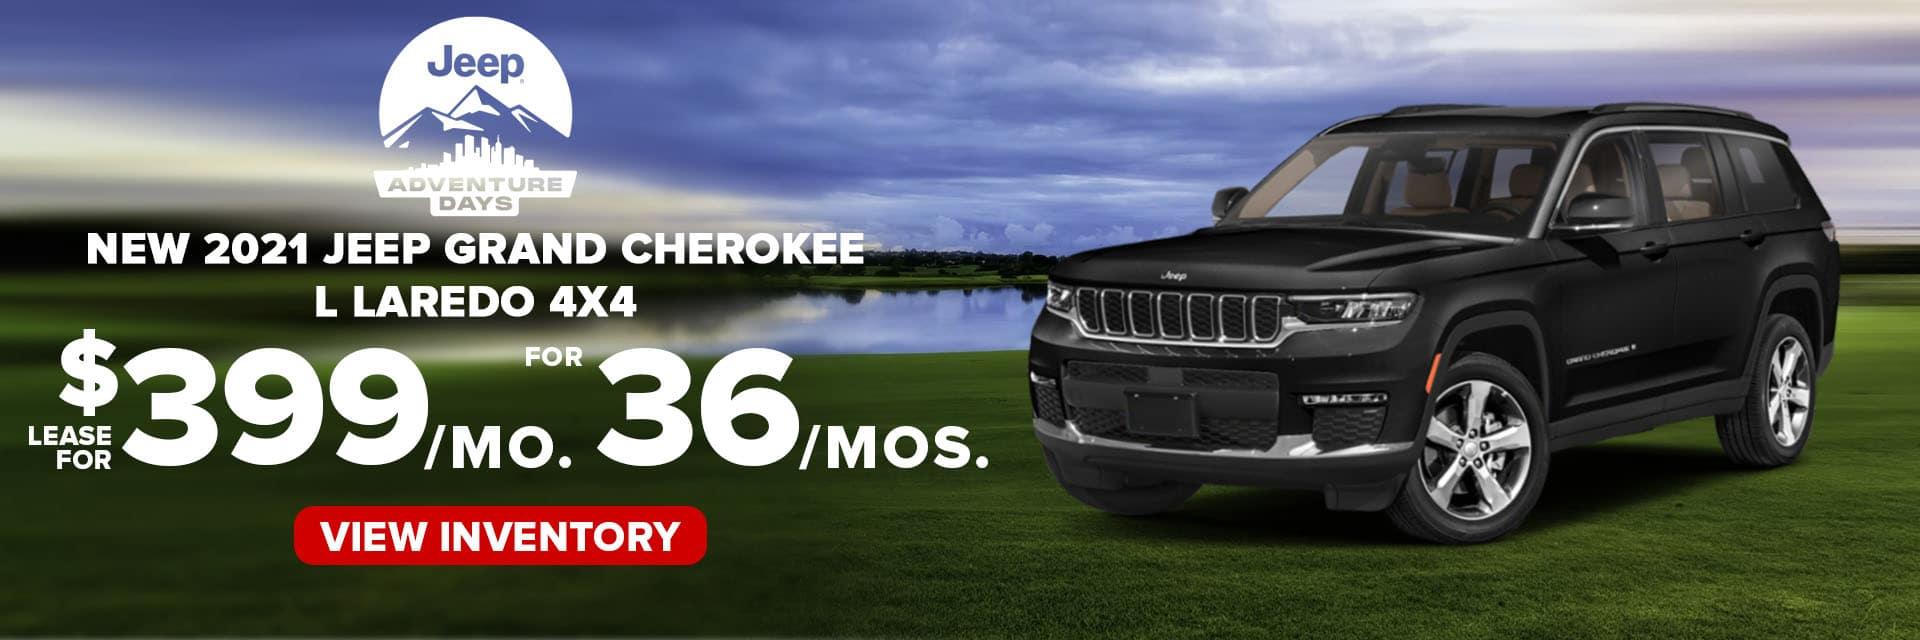 CLGO-October 2021-2021 Jeep Grand Cherokee copy